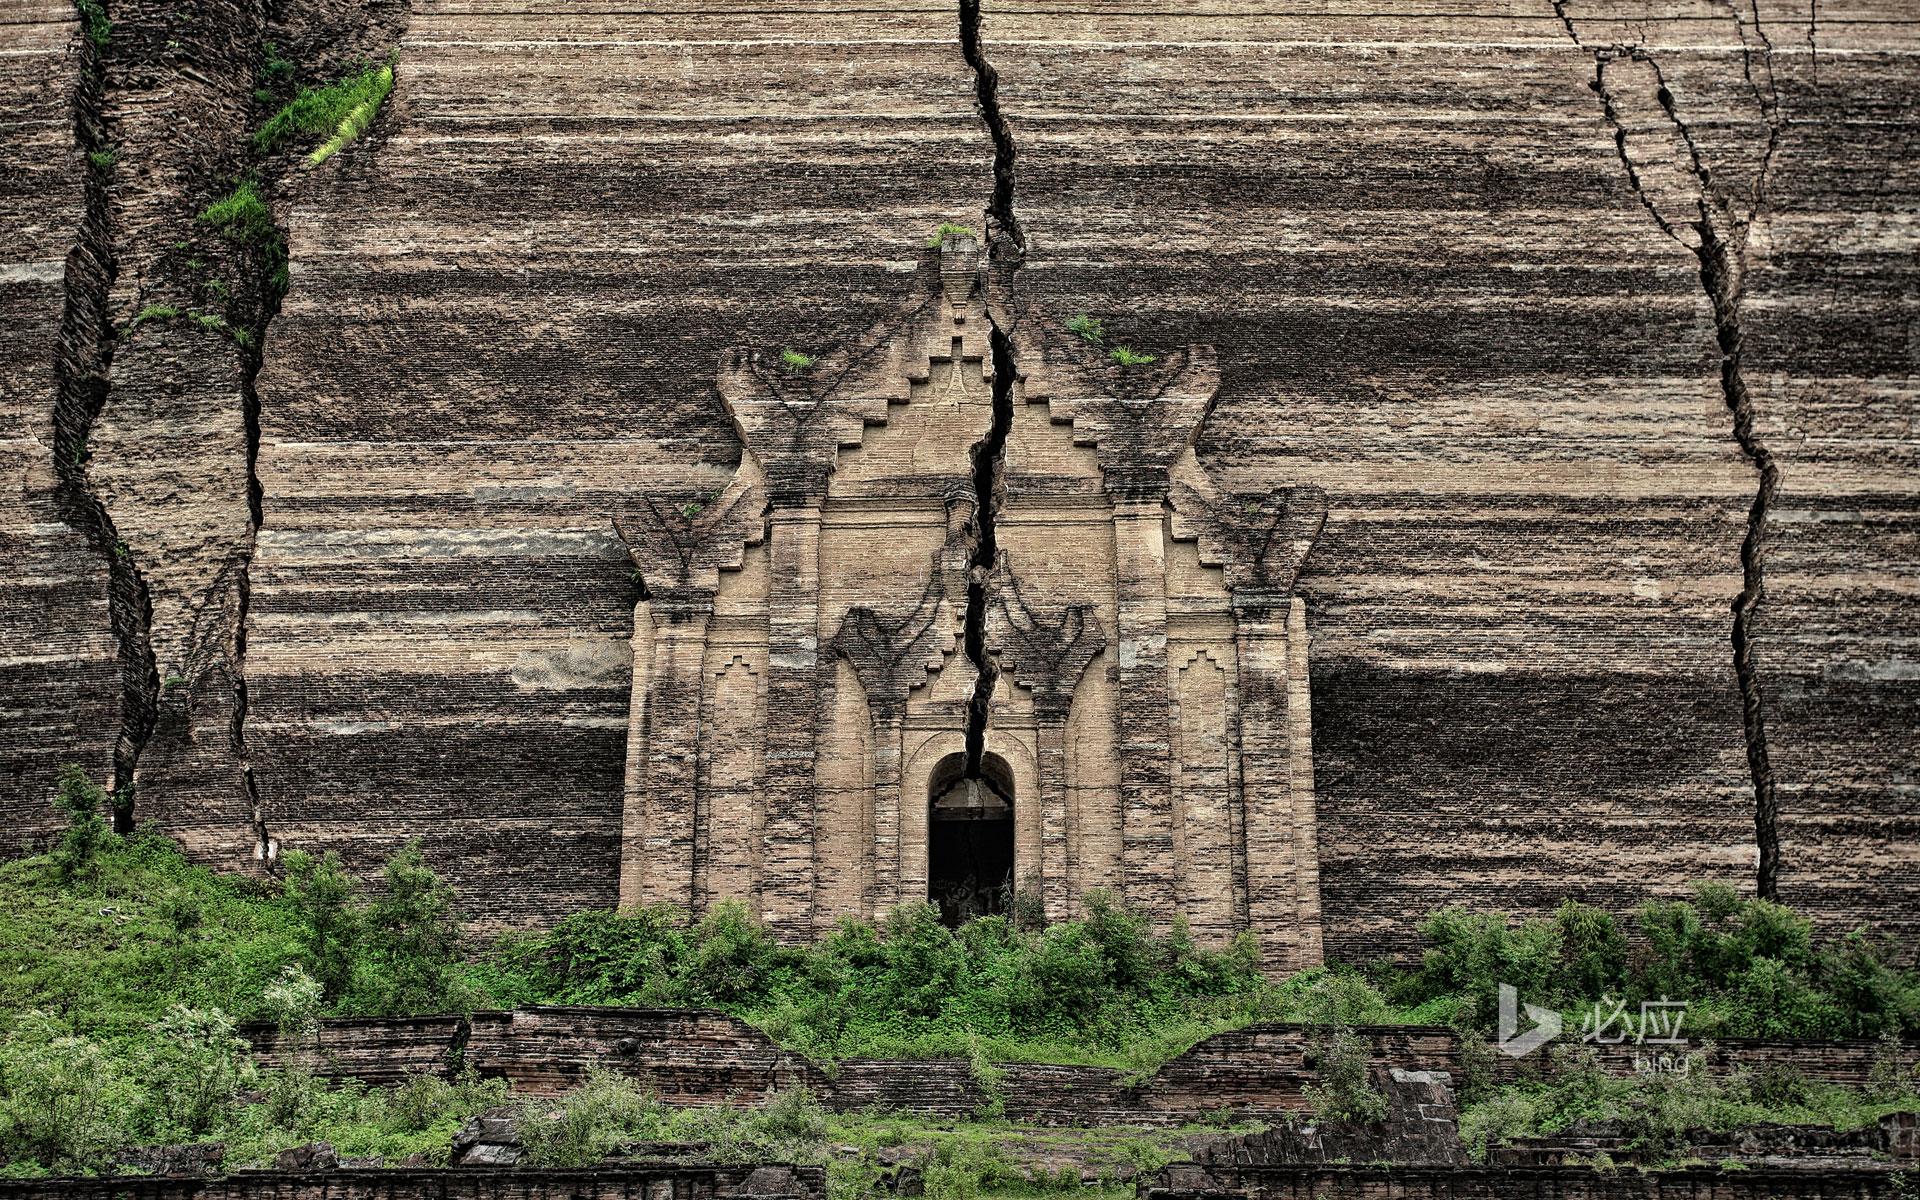 缅甸敏贡古城的敏贡佛塔遗址